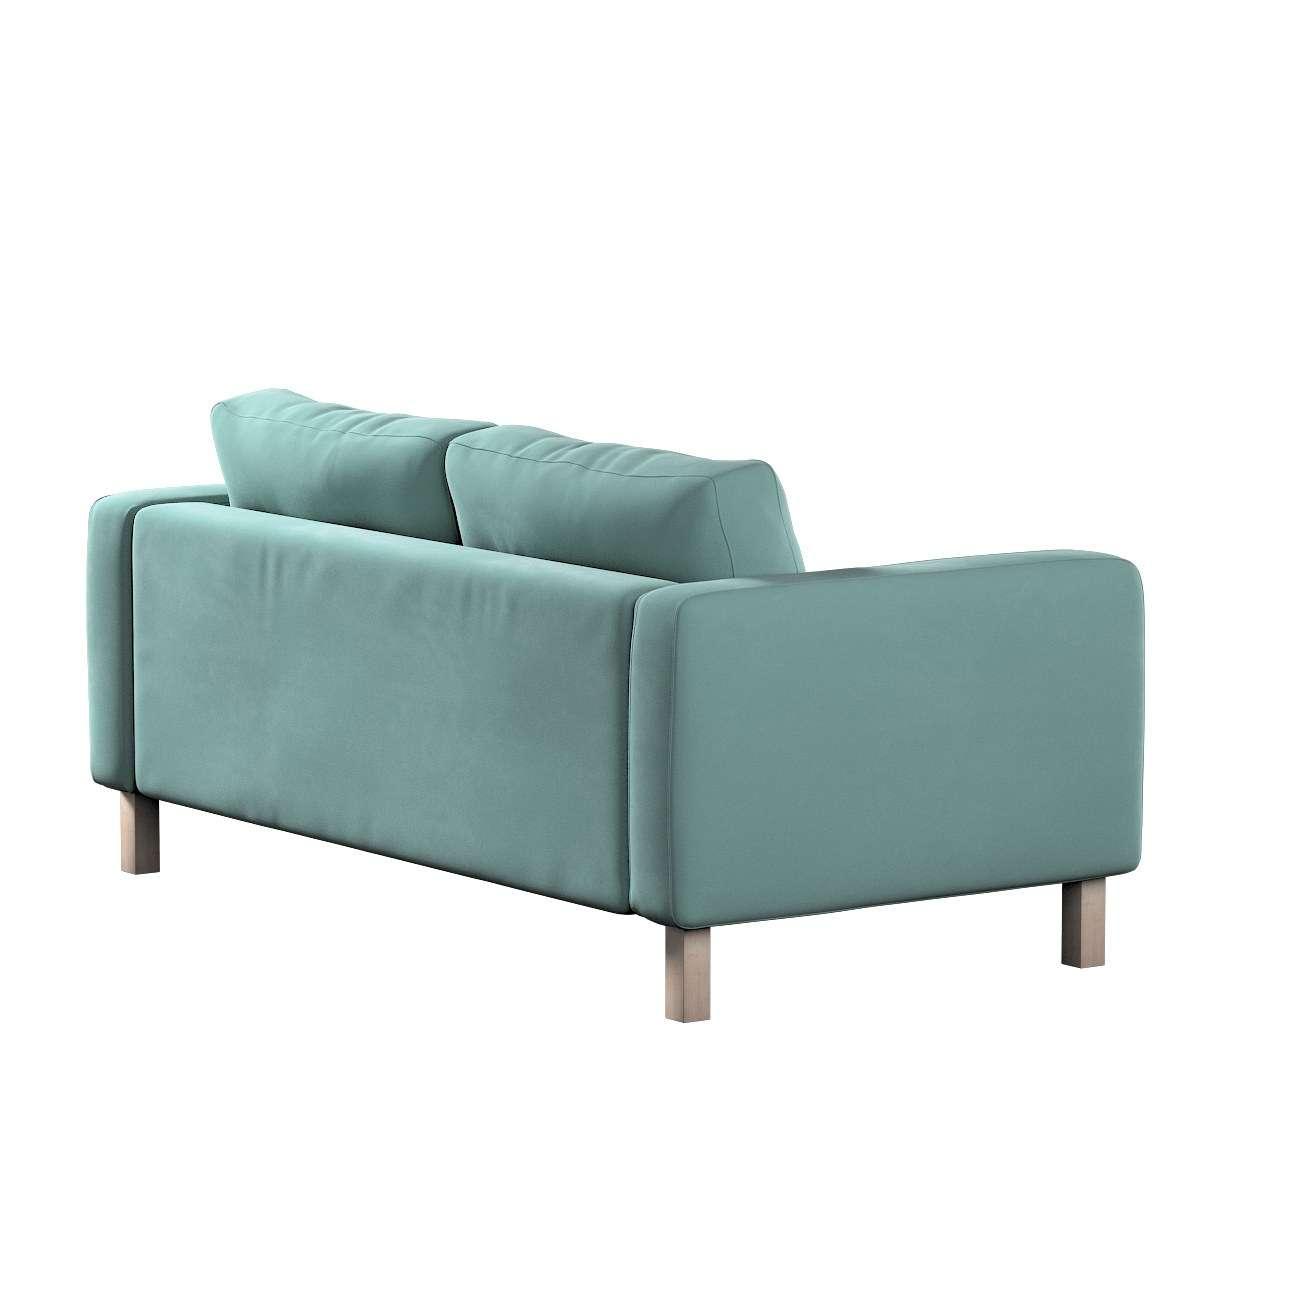 Pokrowiec na sofę Karlstad 2-osobową nierozkładaną krótki w kolekcji Velvet, tkanina: 704-18